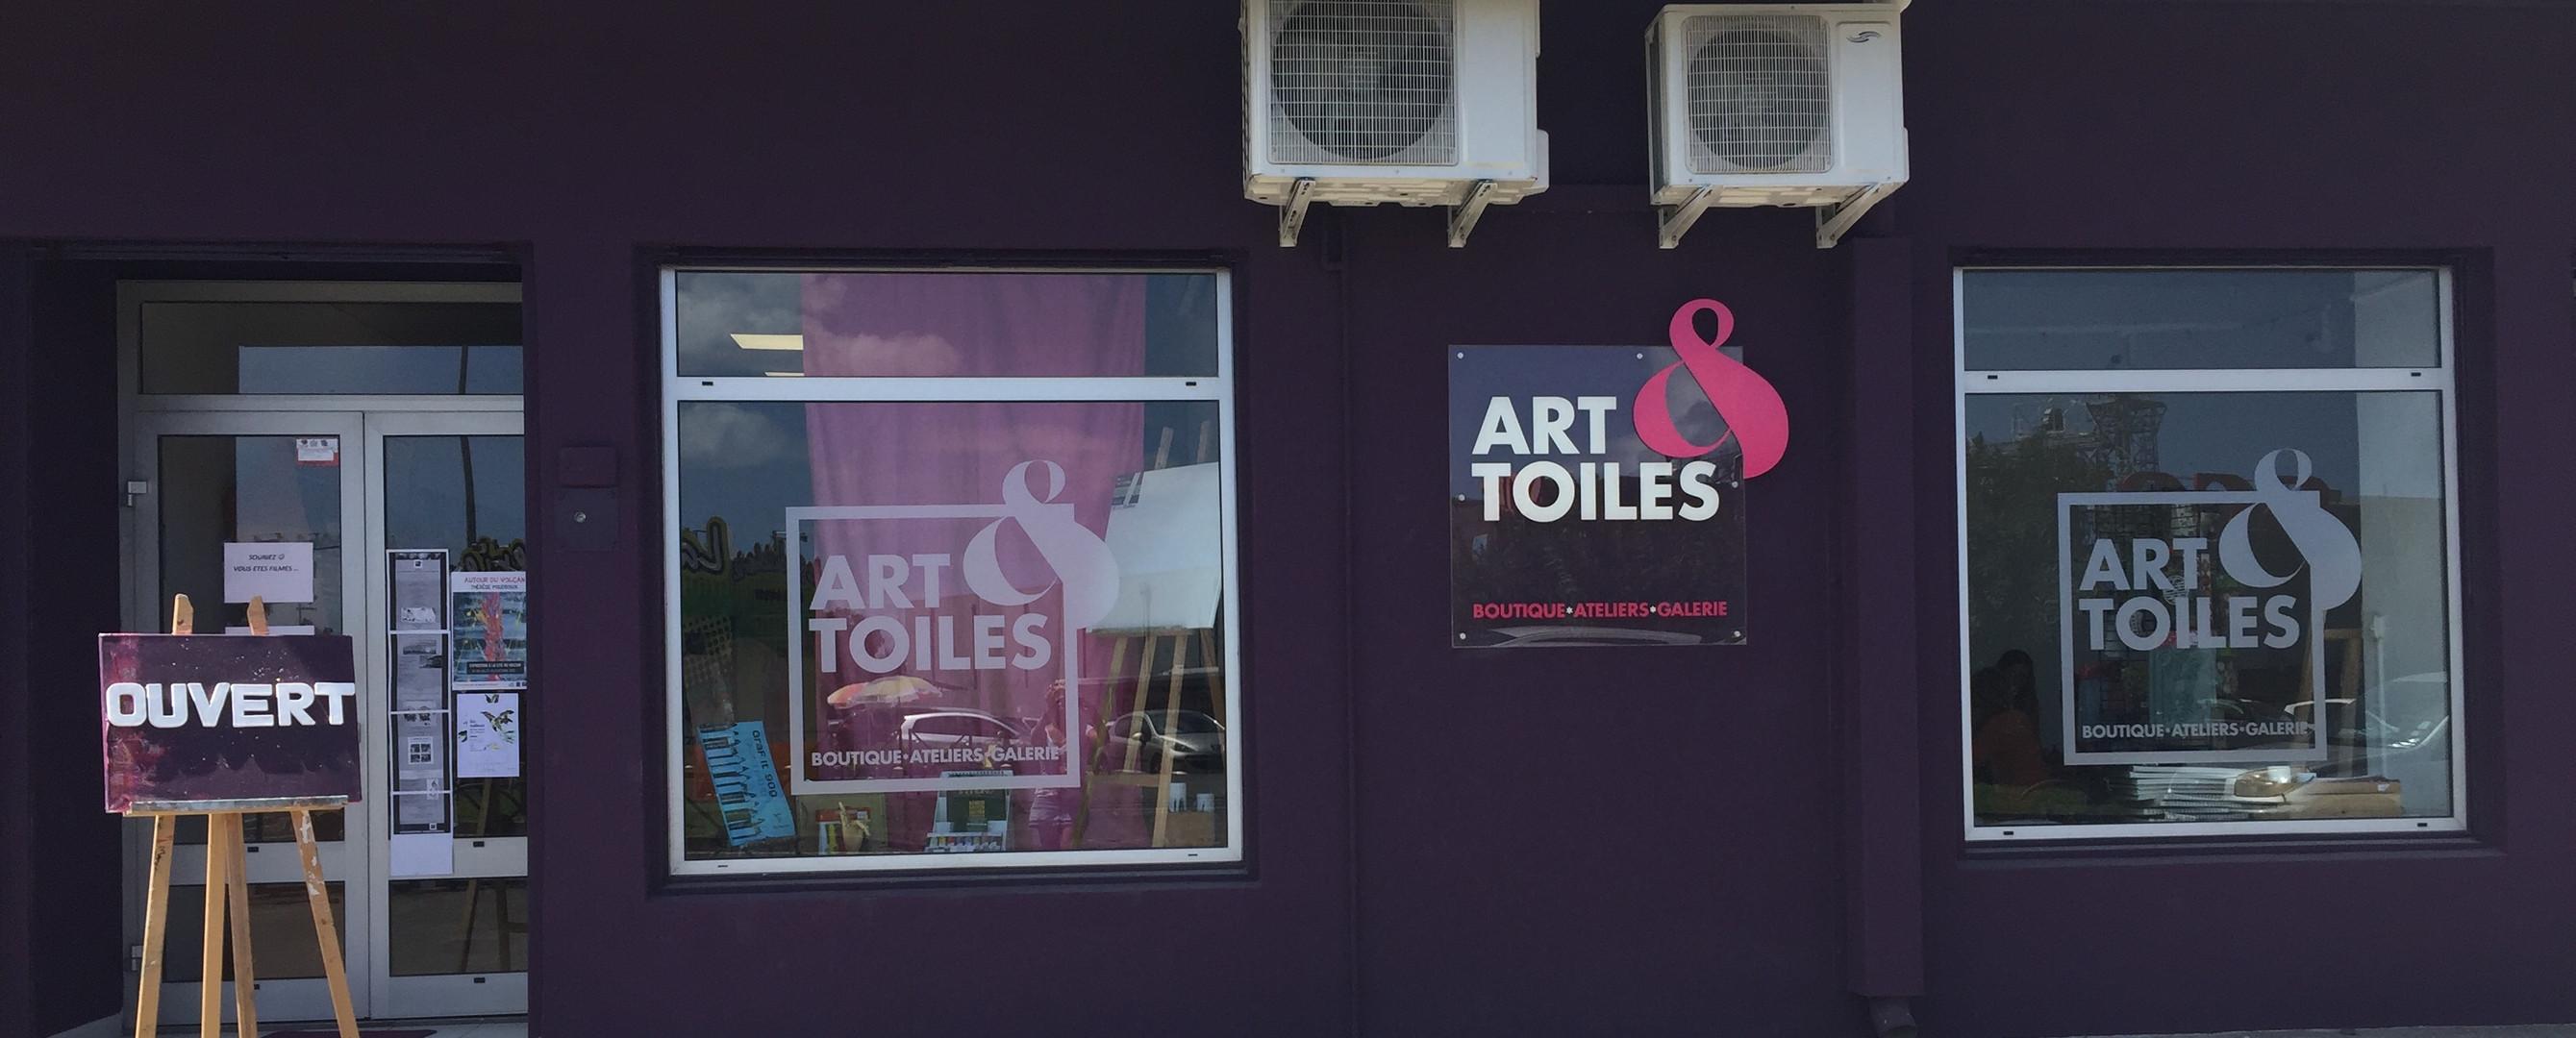 Vitrine Art & toiles